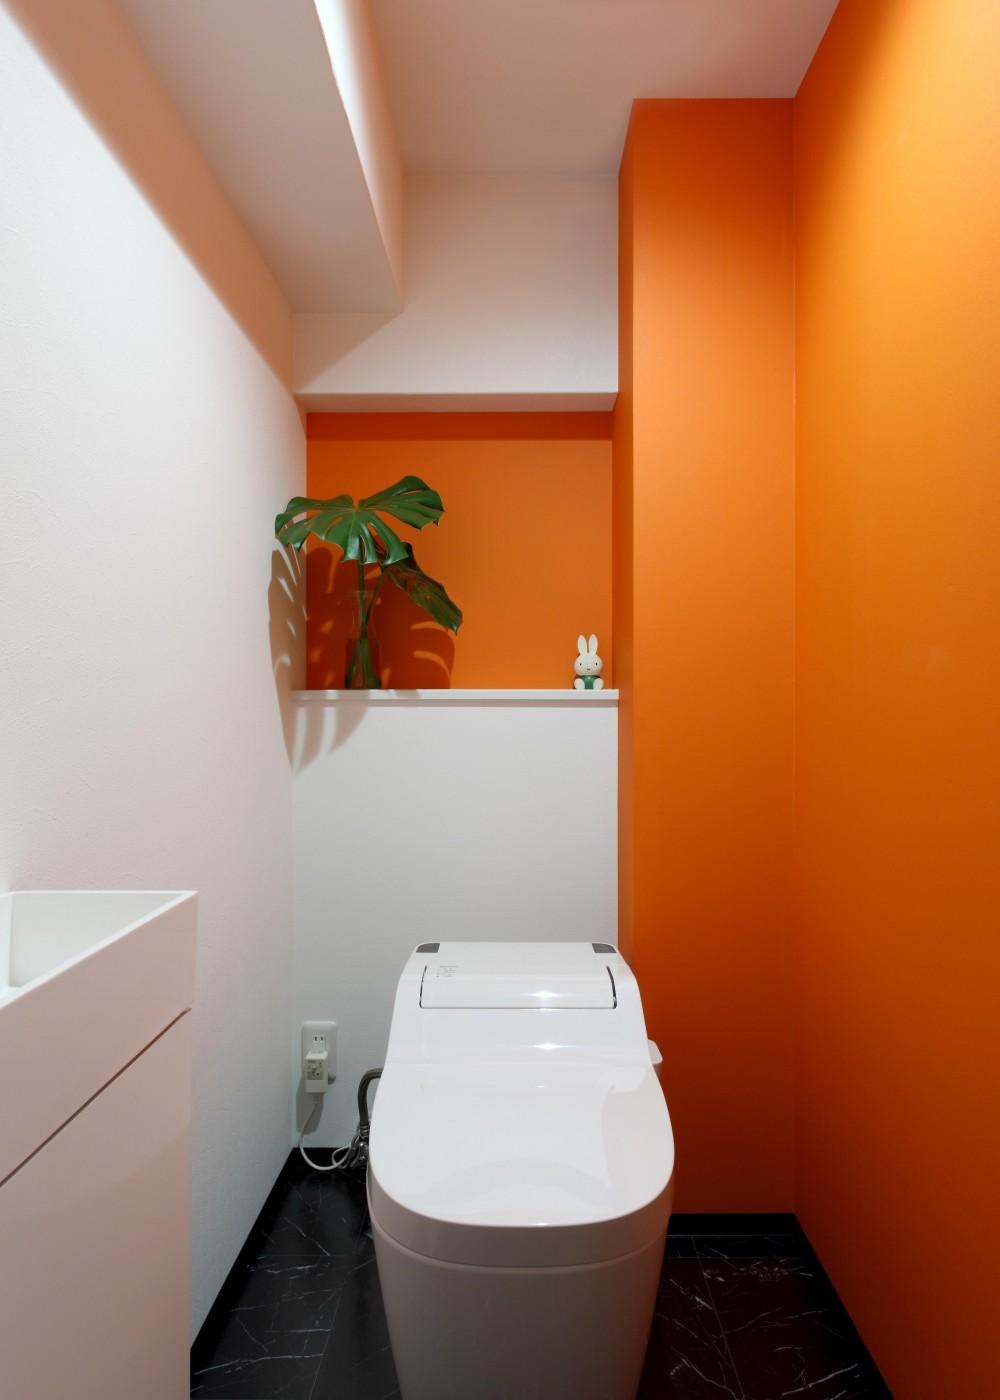 都心立地とインテリアにこだわった二人だけのリノベーション (トイレ)